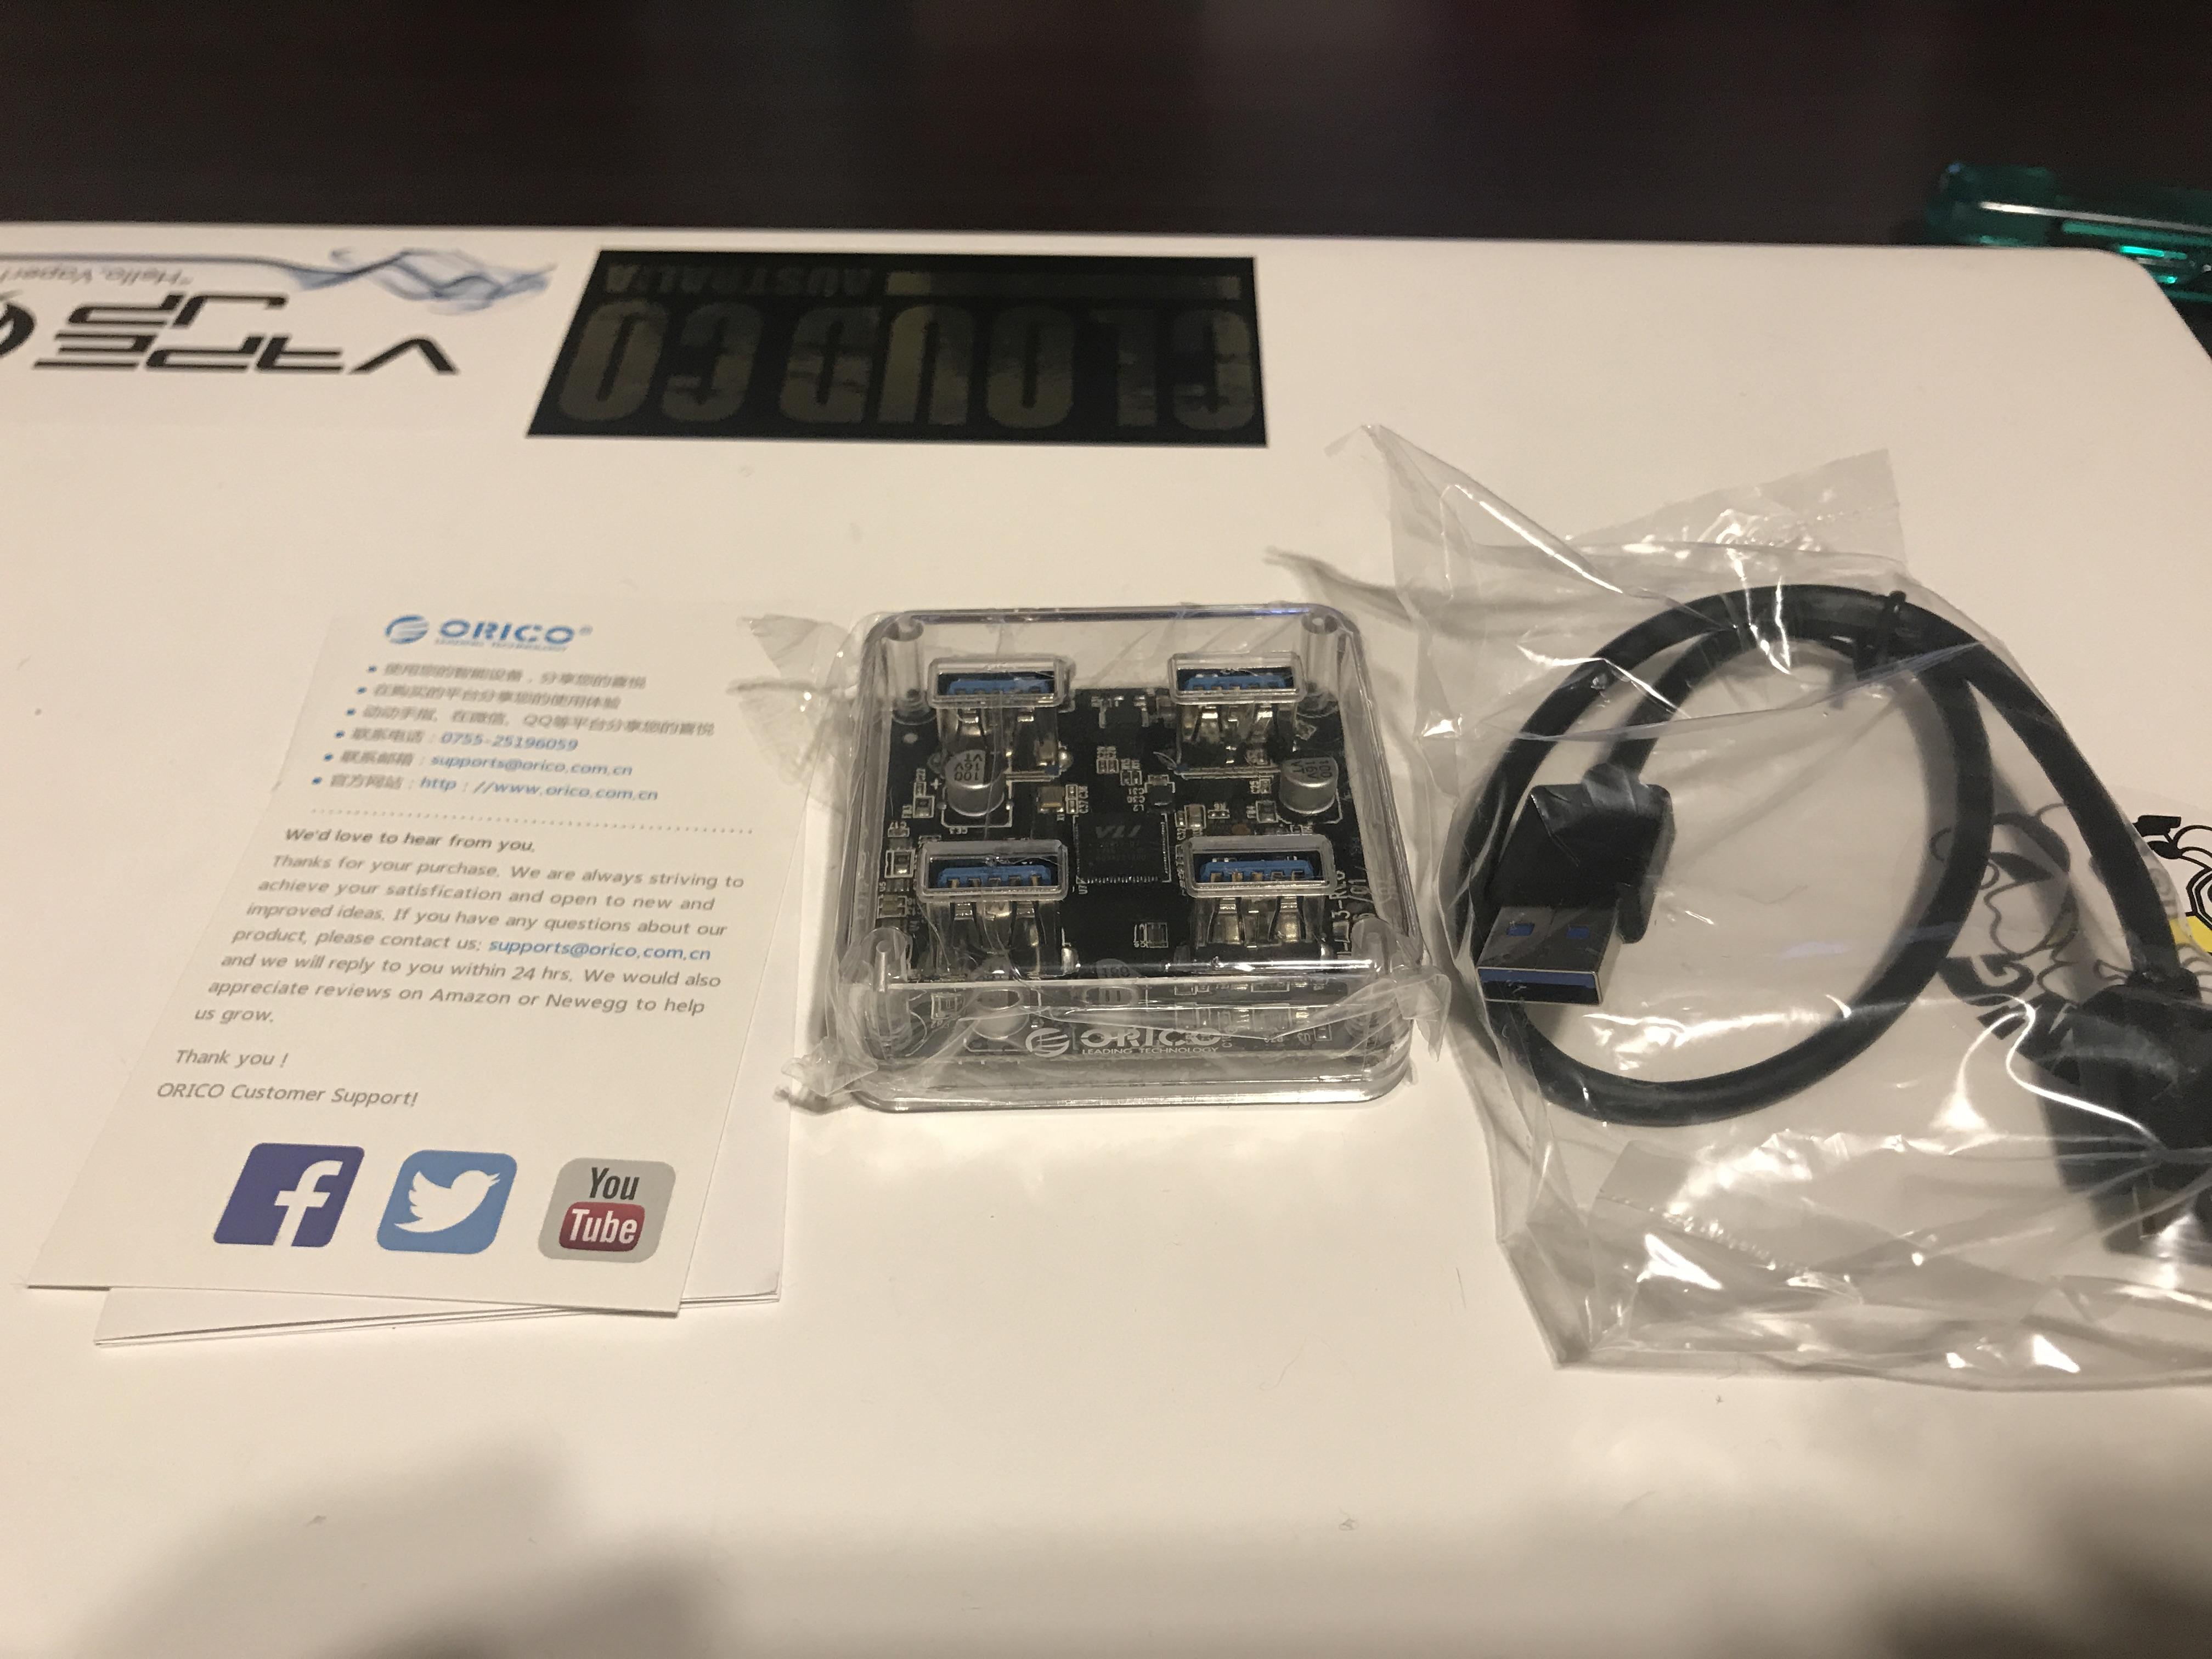 IMG 6550 - 【ガジェット】ORICO USB3.0 Transparent Desktop HUB (MH4U-U3)レビュー!スケルトンのかっこいいやつ!デスクトップに1個あると何かと便利なアイツがやってきた!【スケスケボディ】